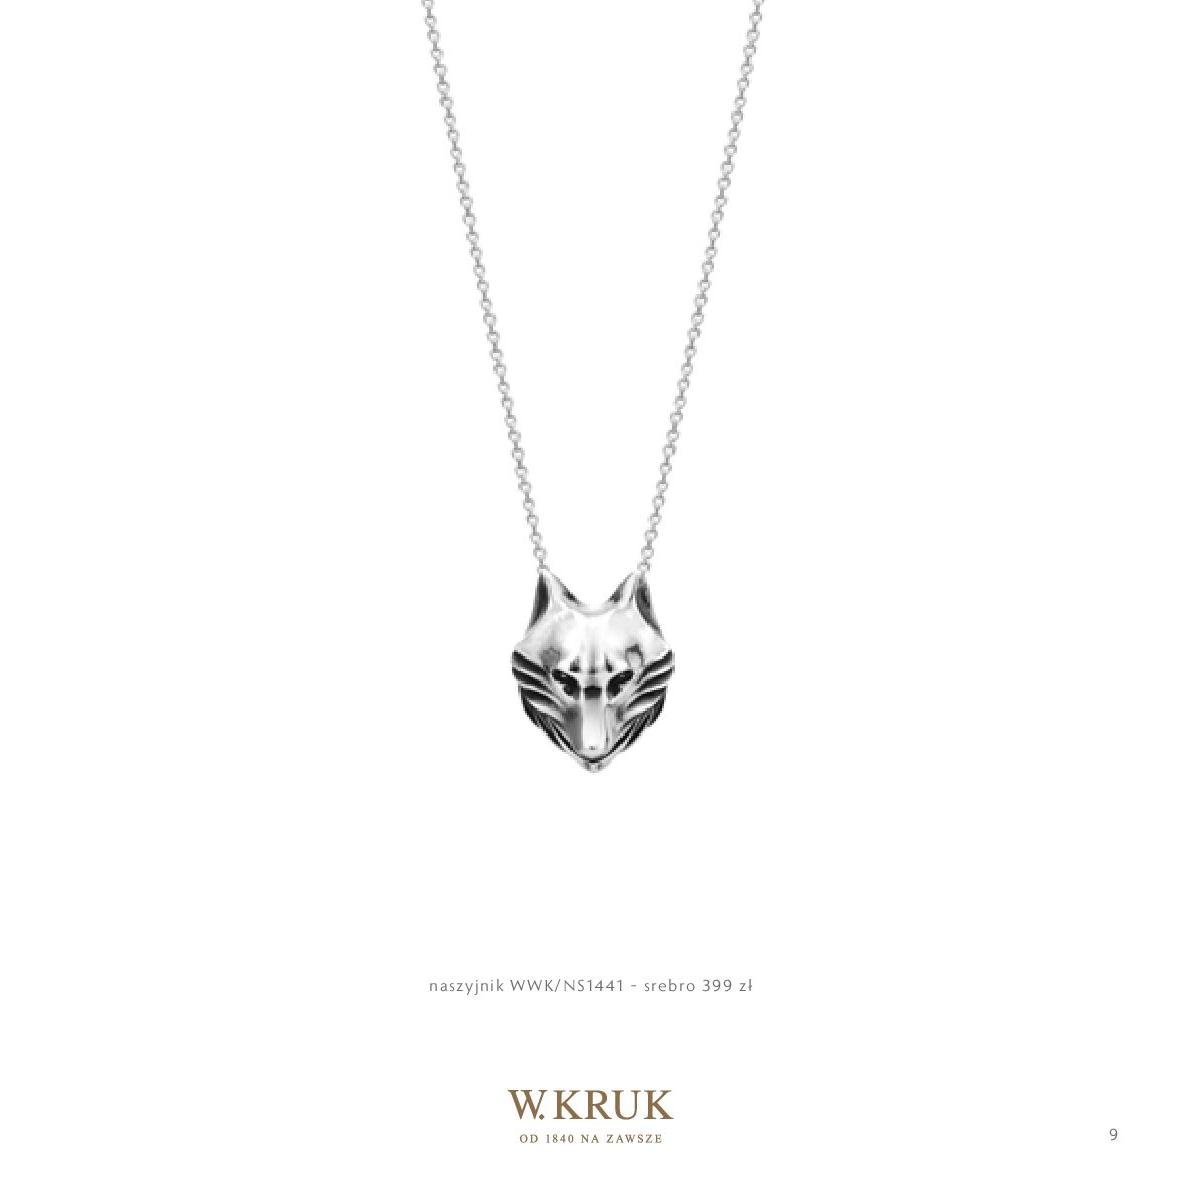 Gazetka W. KRUK: Katalog - Freedom Wolf 2021-02-17 page-11